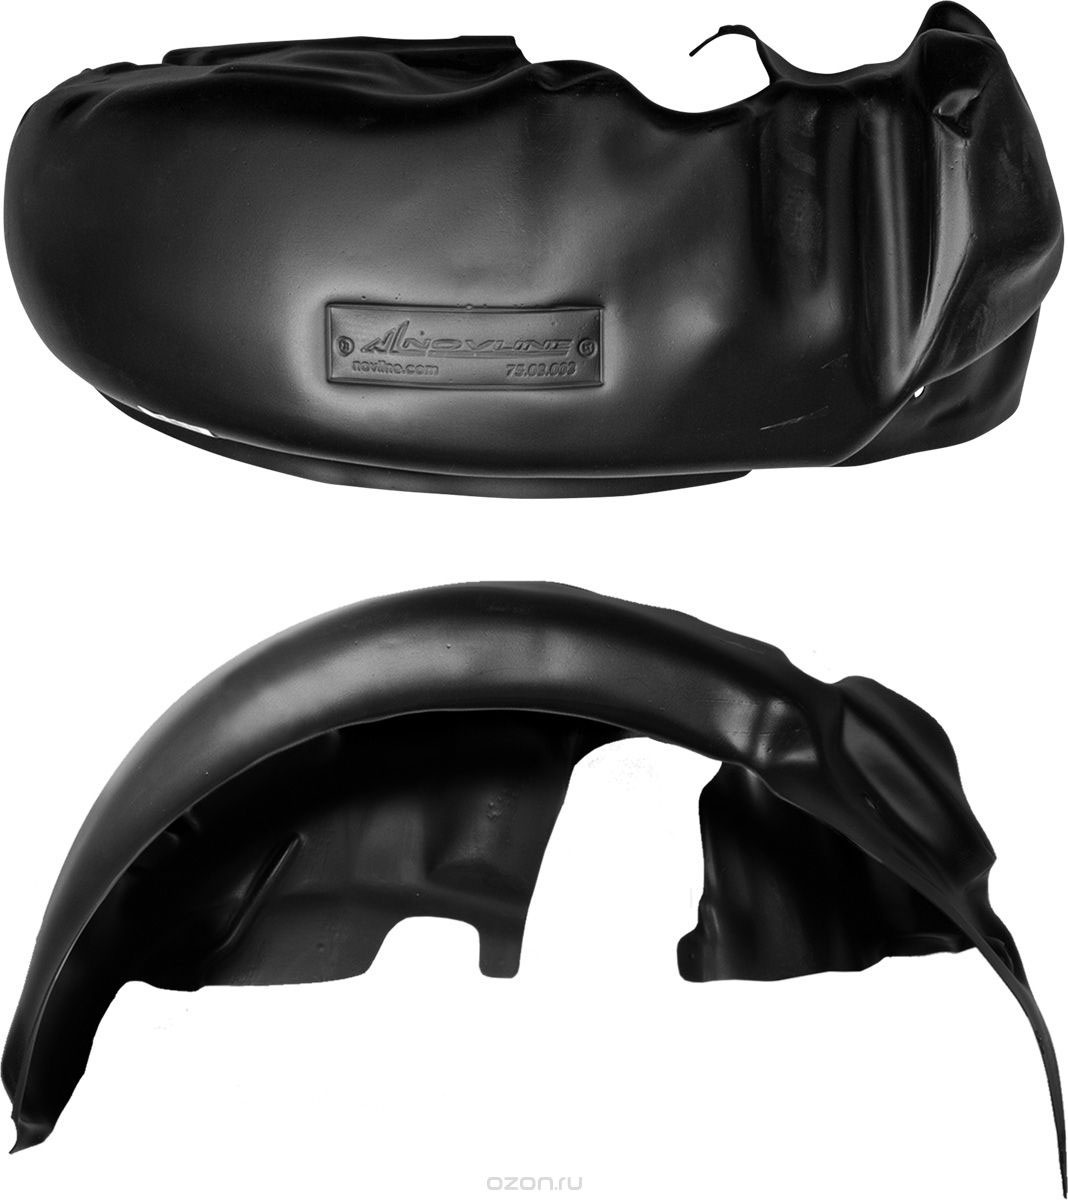 Подкрылок Novline-Autofamily, для PEUGEOT Boxer 08/2014->, без расширителей арок, передний правый000413Идеальная защита колесной ниши. Локеры разработаны с применением цифровых технологий, гарантируют максимальную повторяемость поверхности арки. Изделия устанавливаются без нарушения лакокрасочного покрытия автомобиля, каждый подкрылок комплектуется крепежом. Уважаемые клиенты, обращаем ваше внимание, что фотографии на подкрылки универсальные и не отражают реальную форму изделия. При этом само изделие идет точно под размер указанного автомобиля.